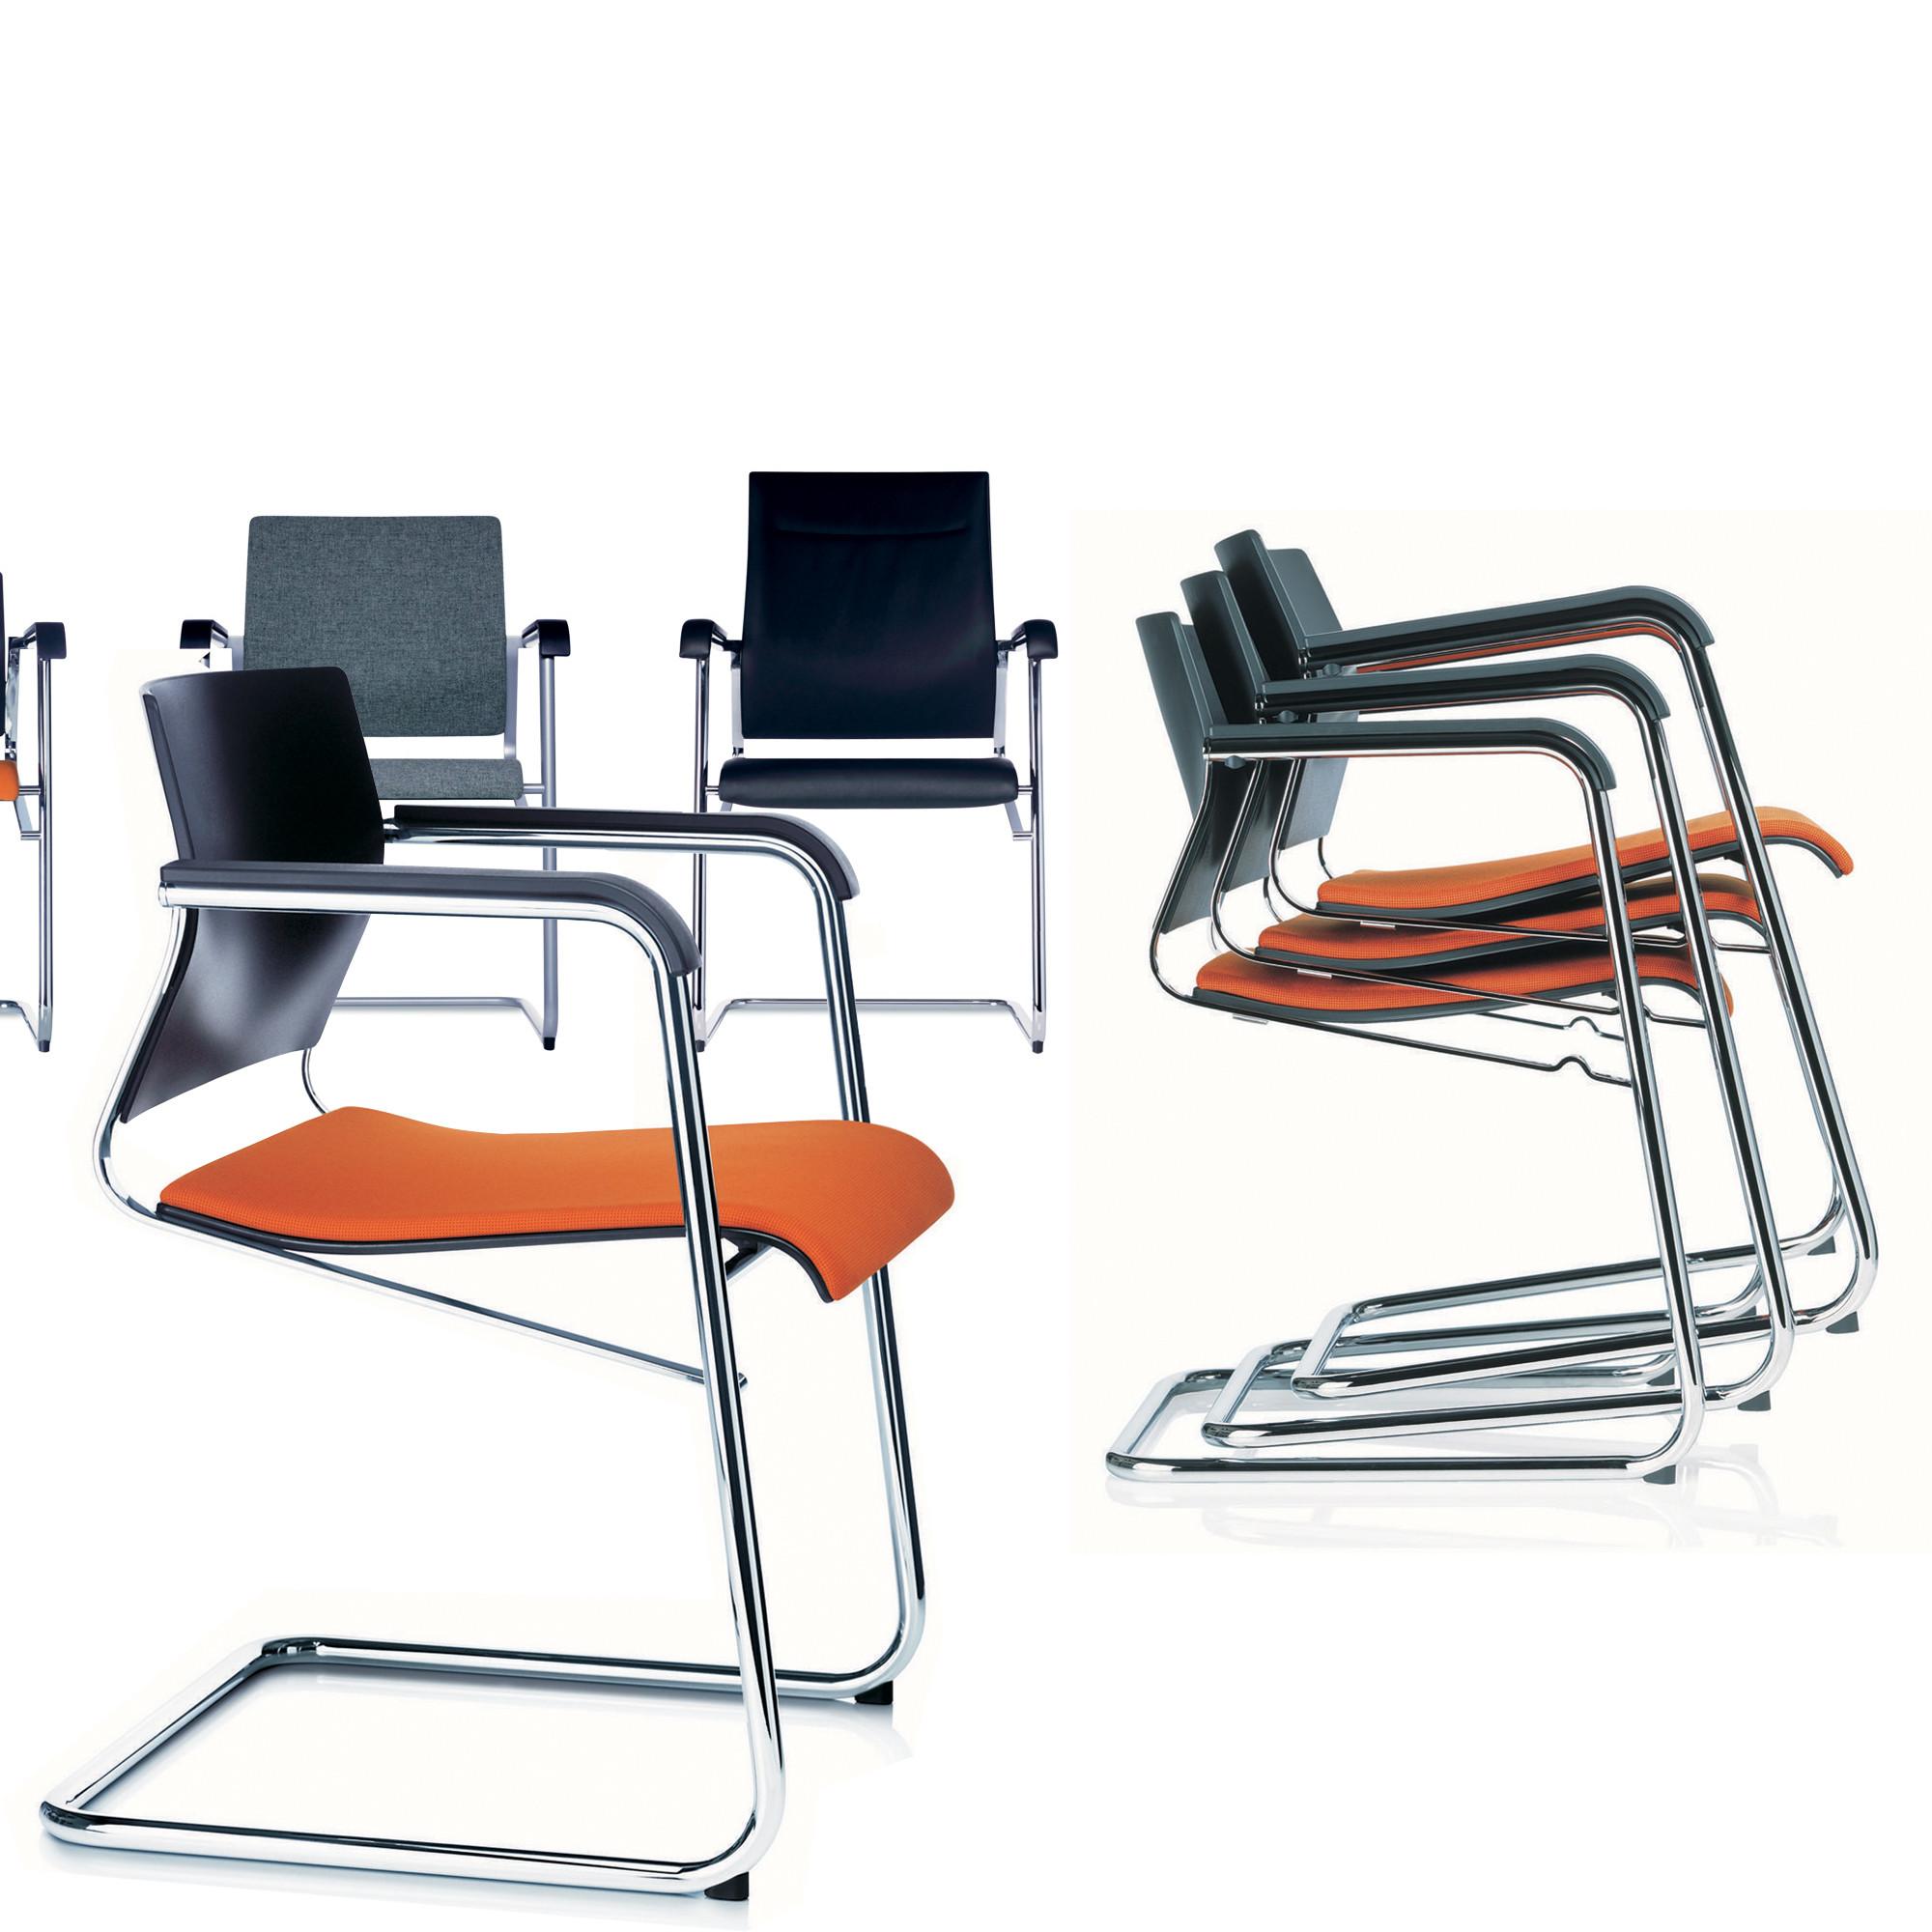 Wilkhahn Sito Chair Range